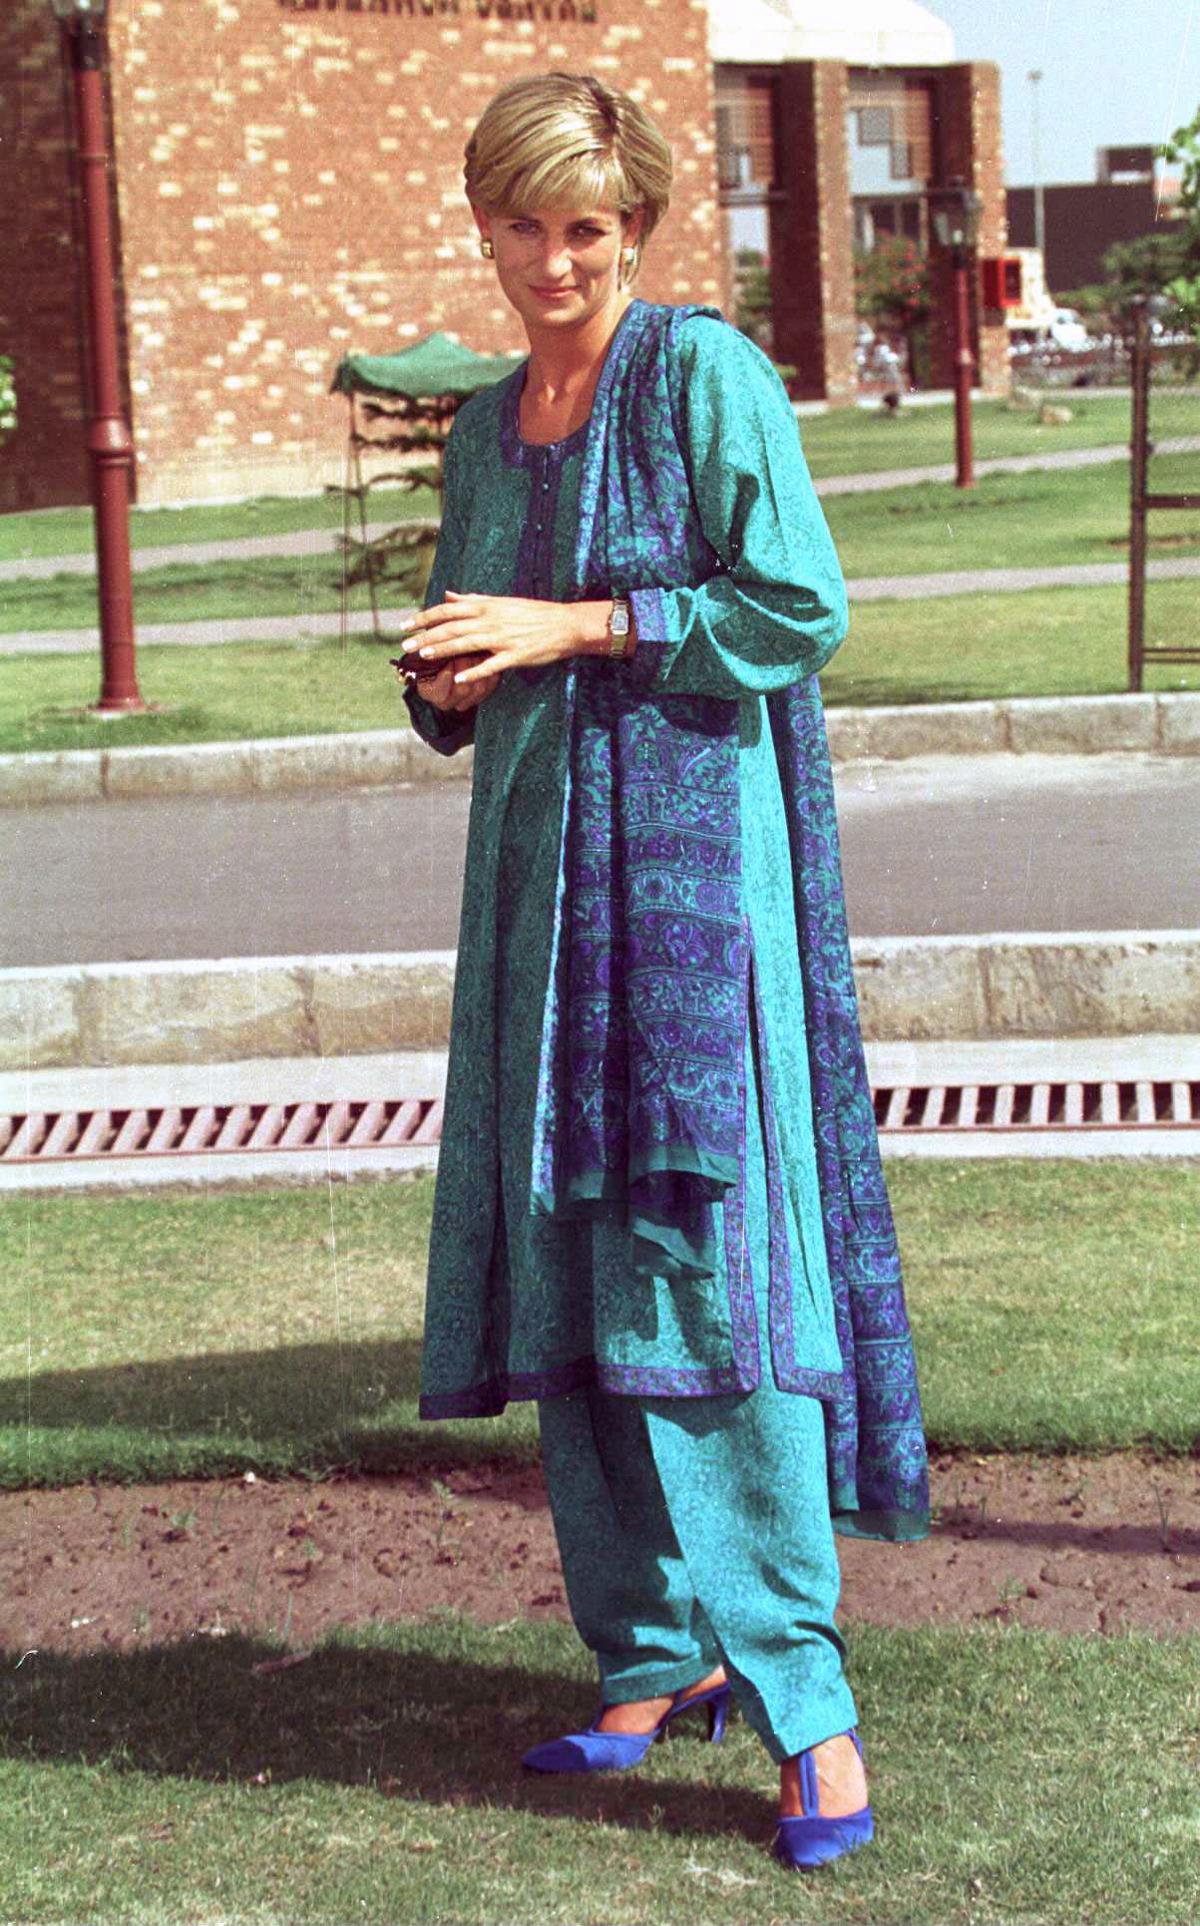 Η πριγκίπισσα Νταϊάνα με παραδοσιακό ένδυμα στο Πακιστάν